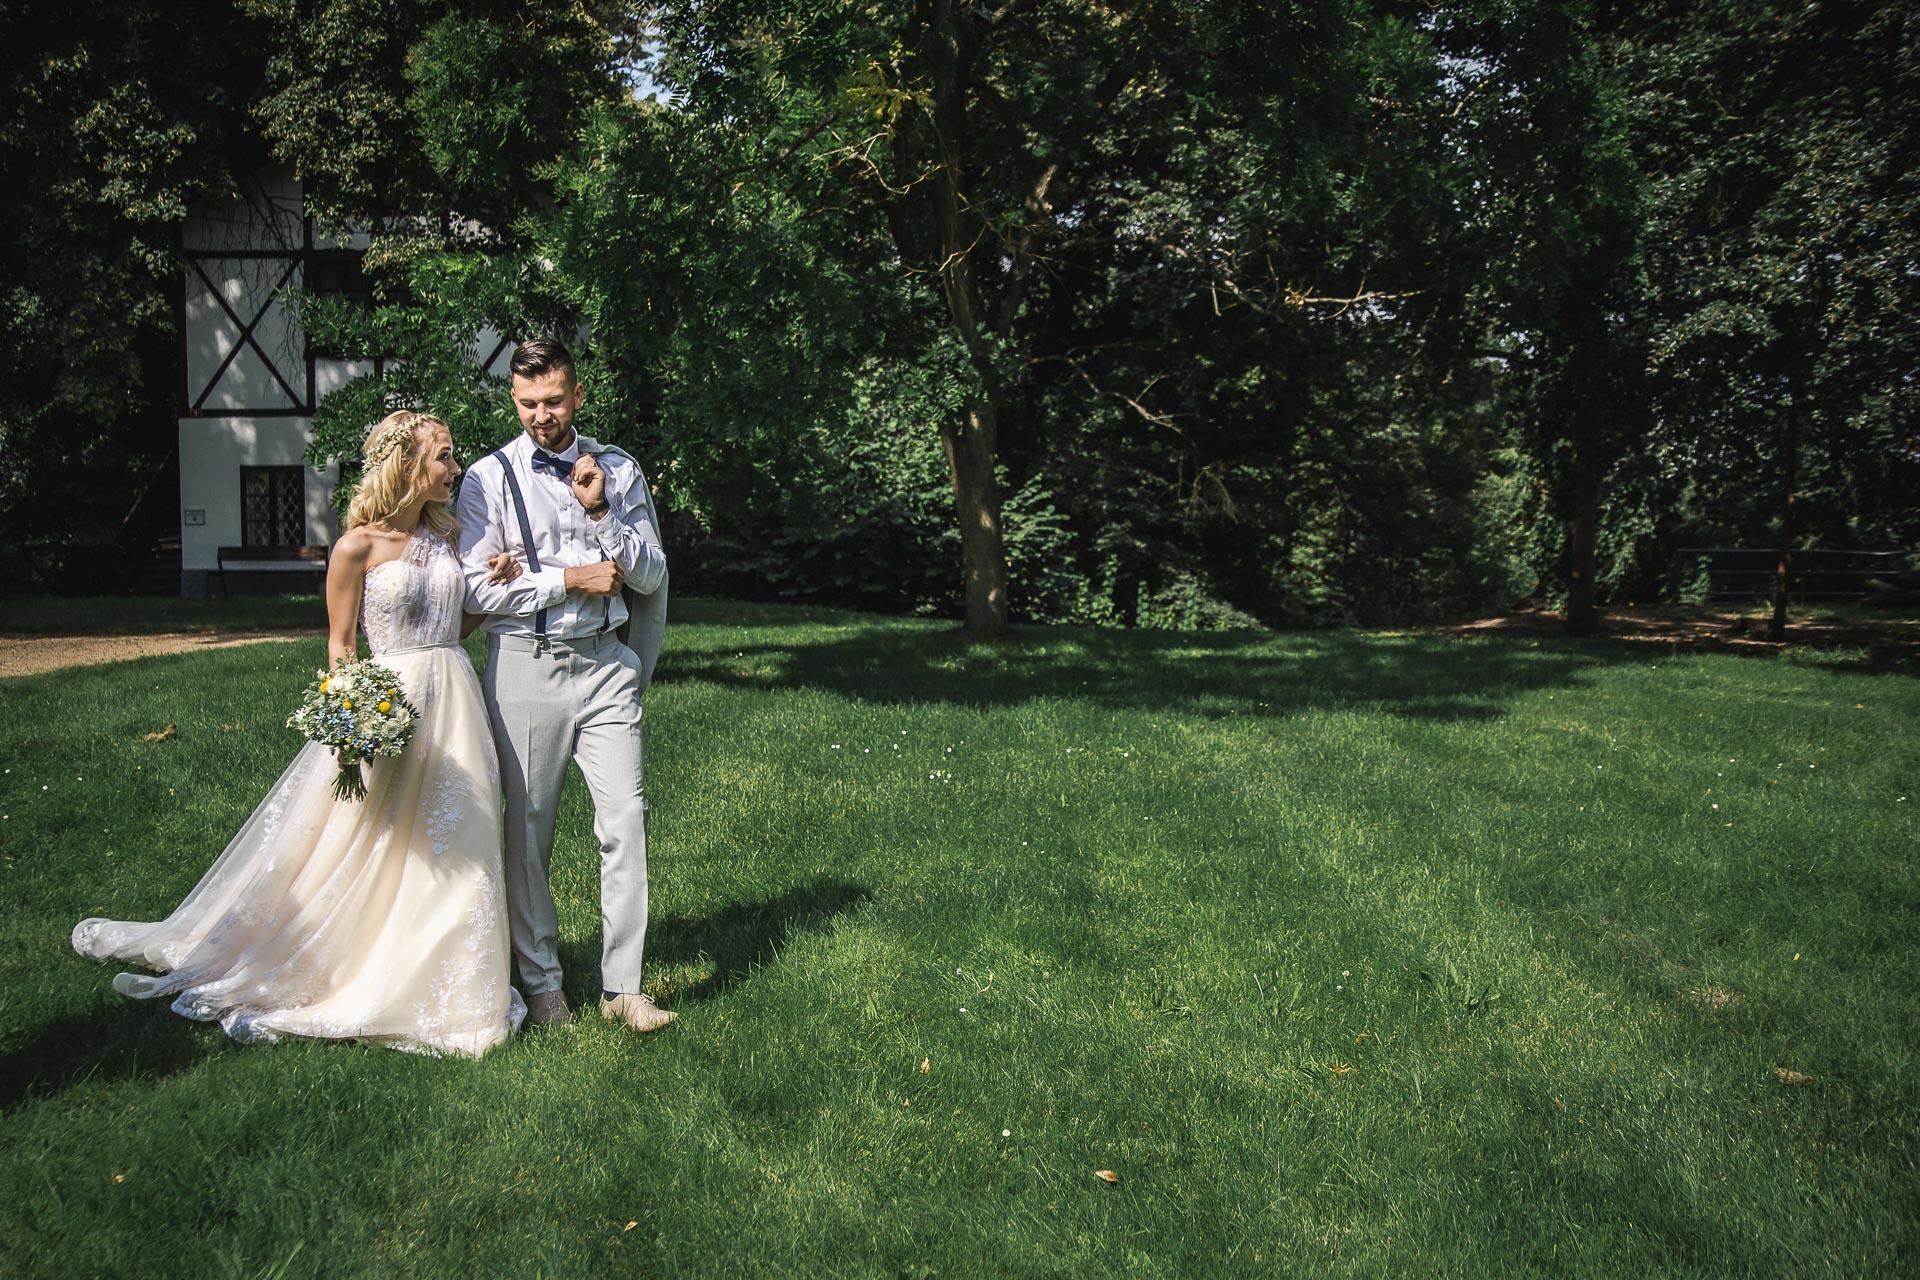 svatební-fotograf-zámek-Loučeň-svatební-video-zámek-Loučeň-4203